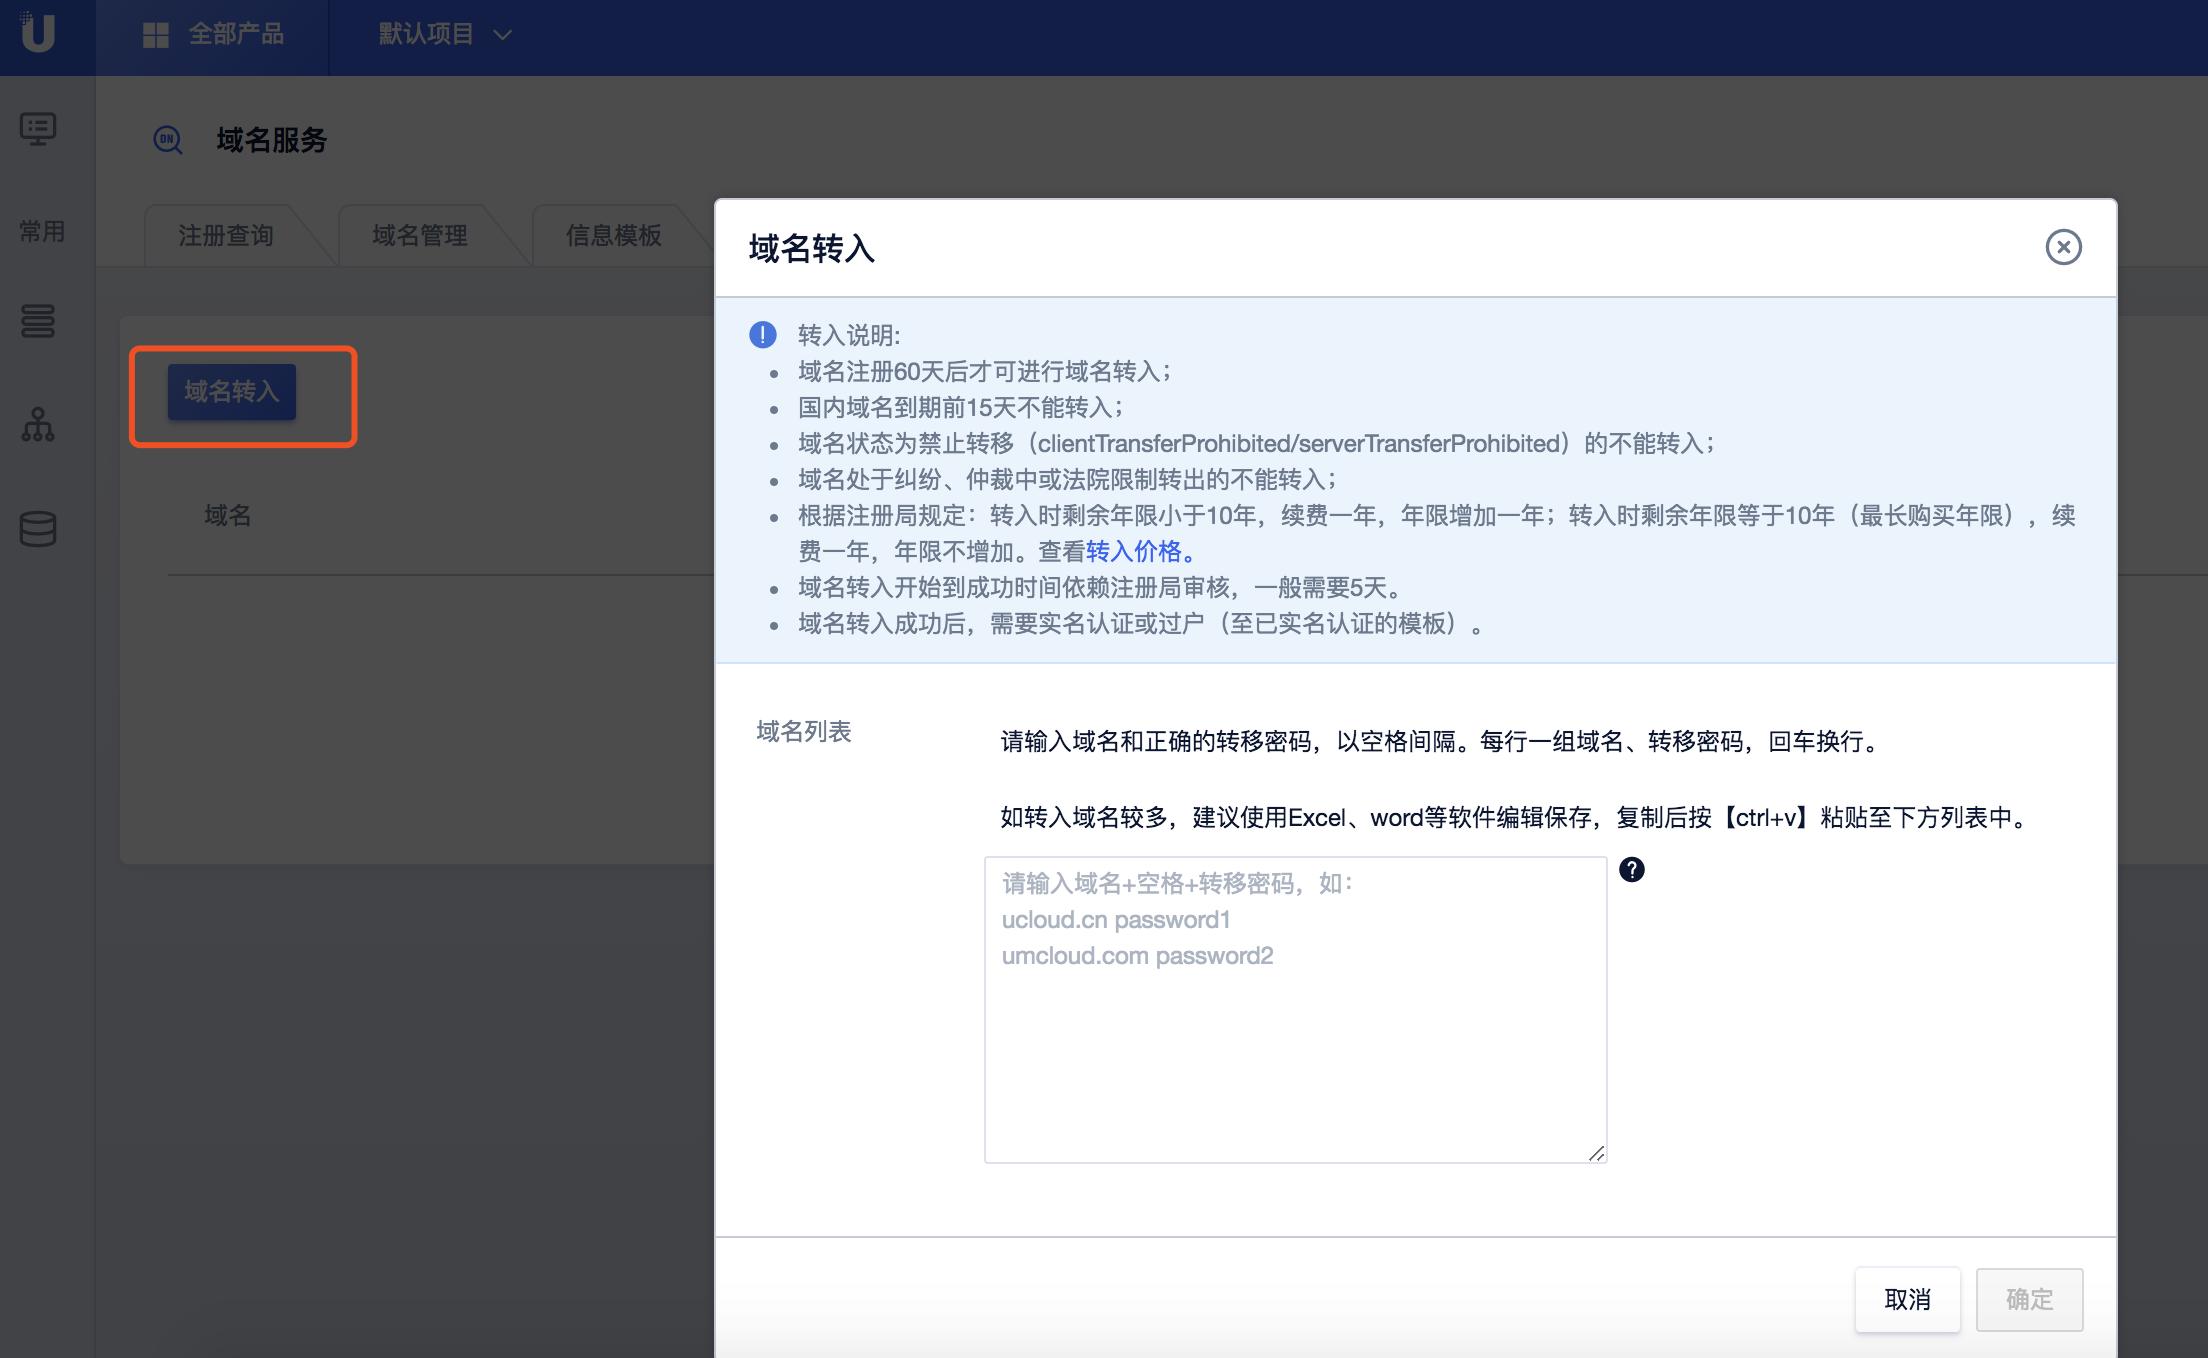 在UCloud优刻得云平台如何进行域名转入和域名转出操作